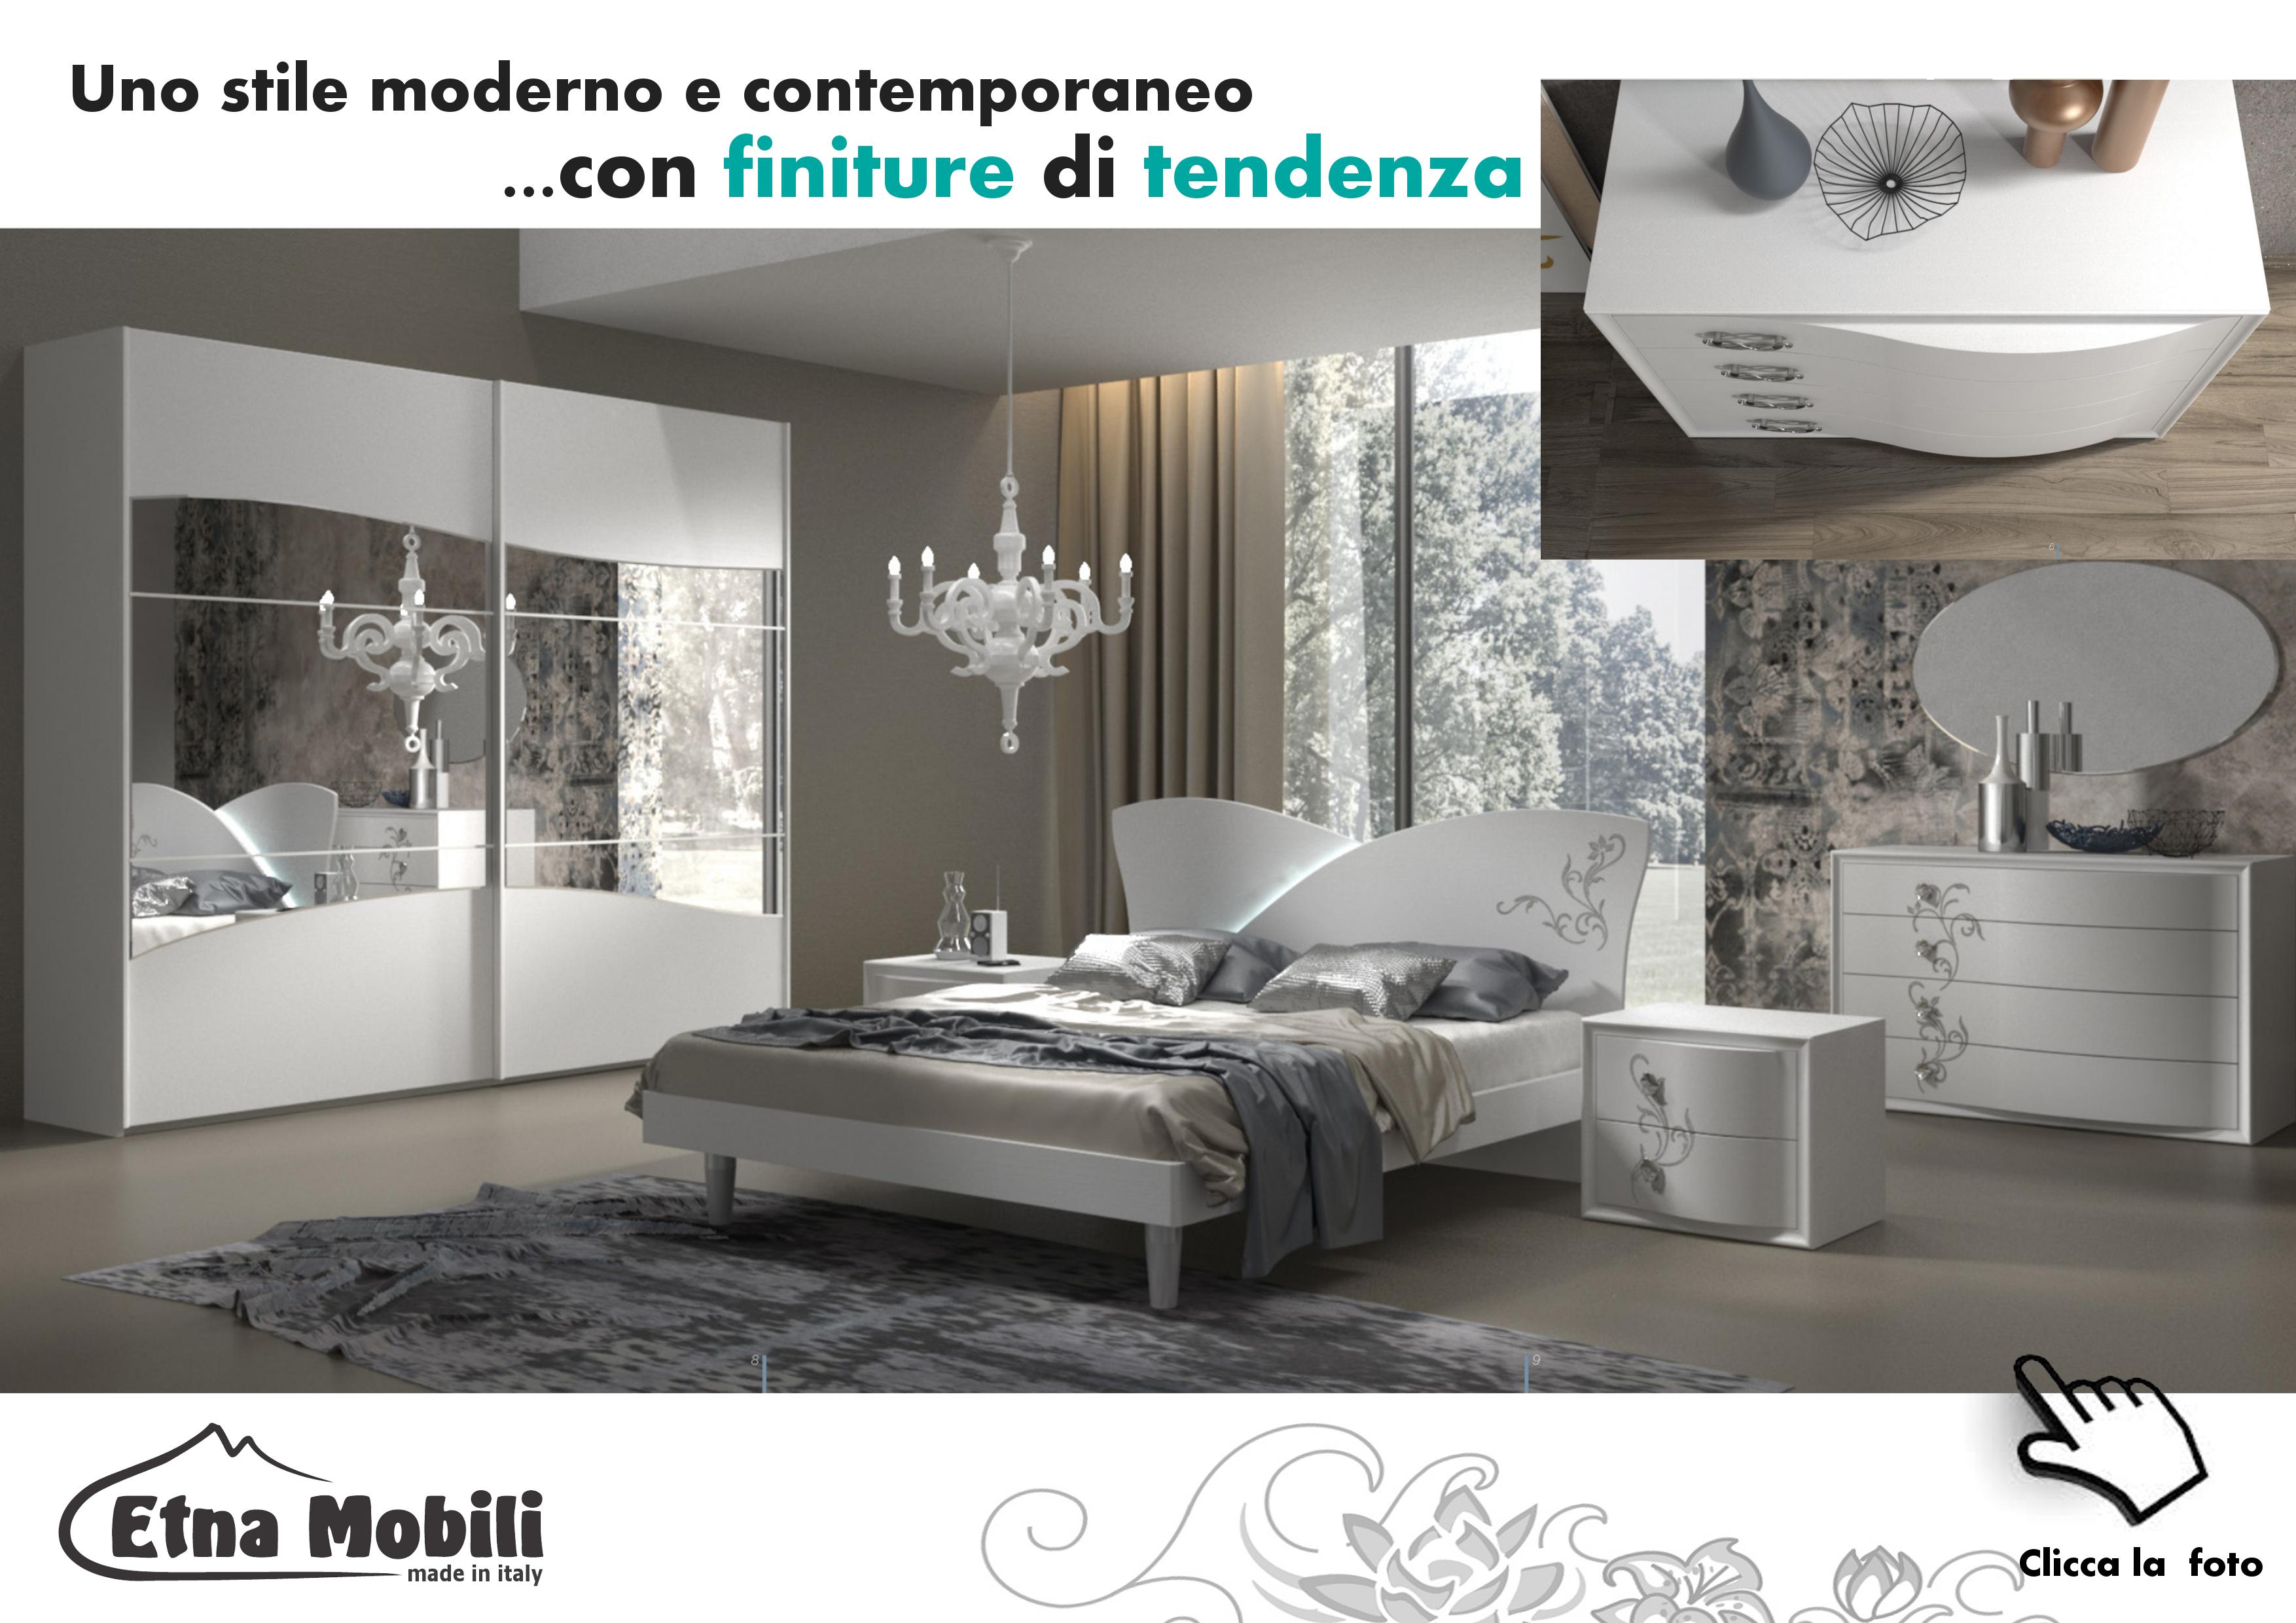 Camera da letto moderna contemporanea sicilia catania - Letto stile moderno ...